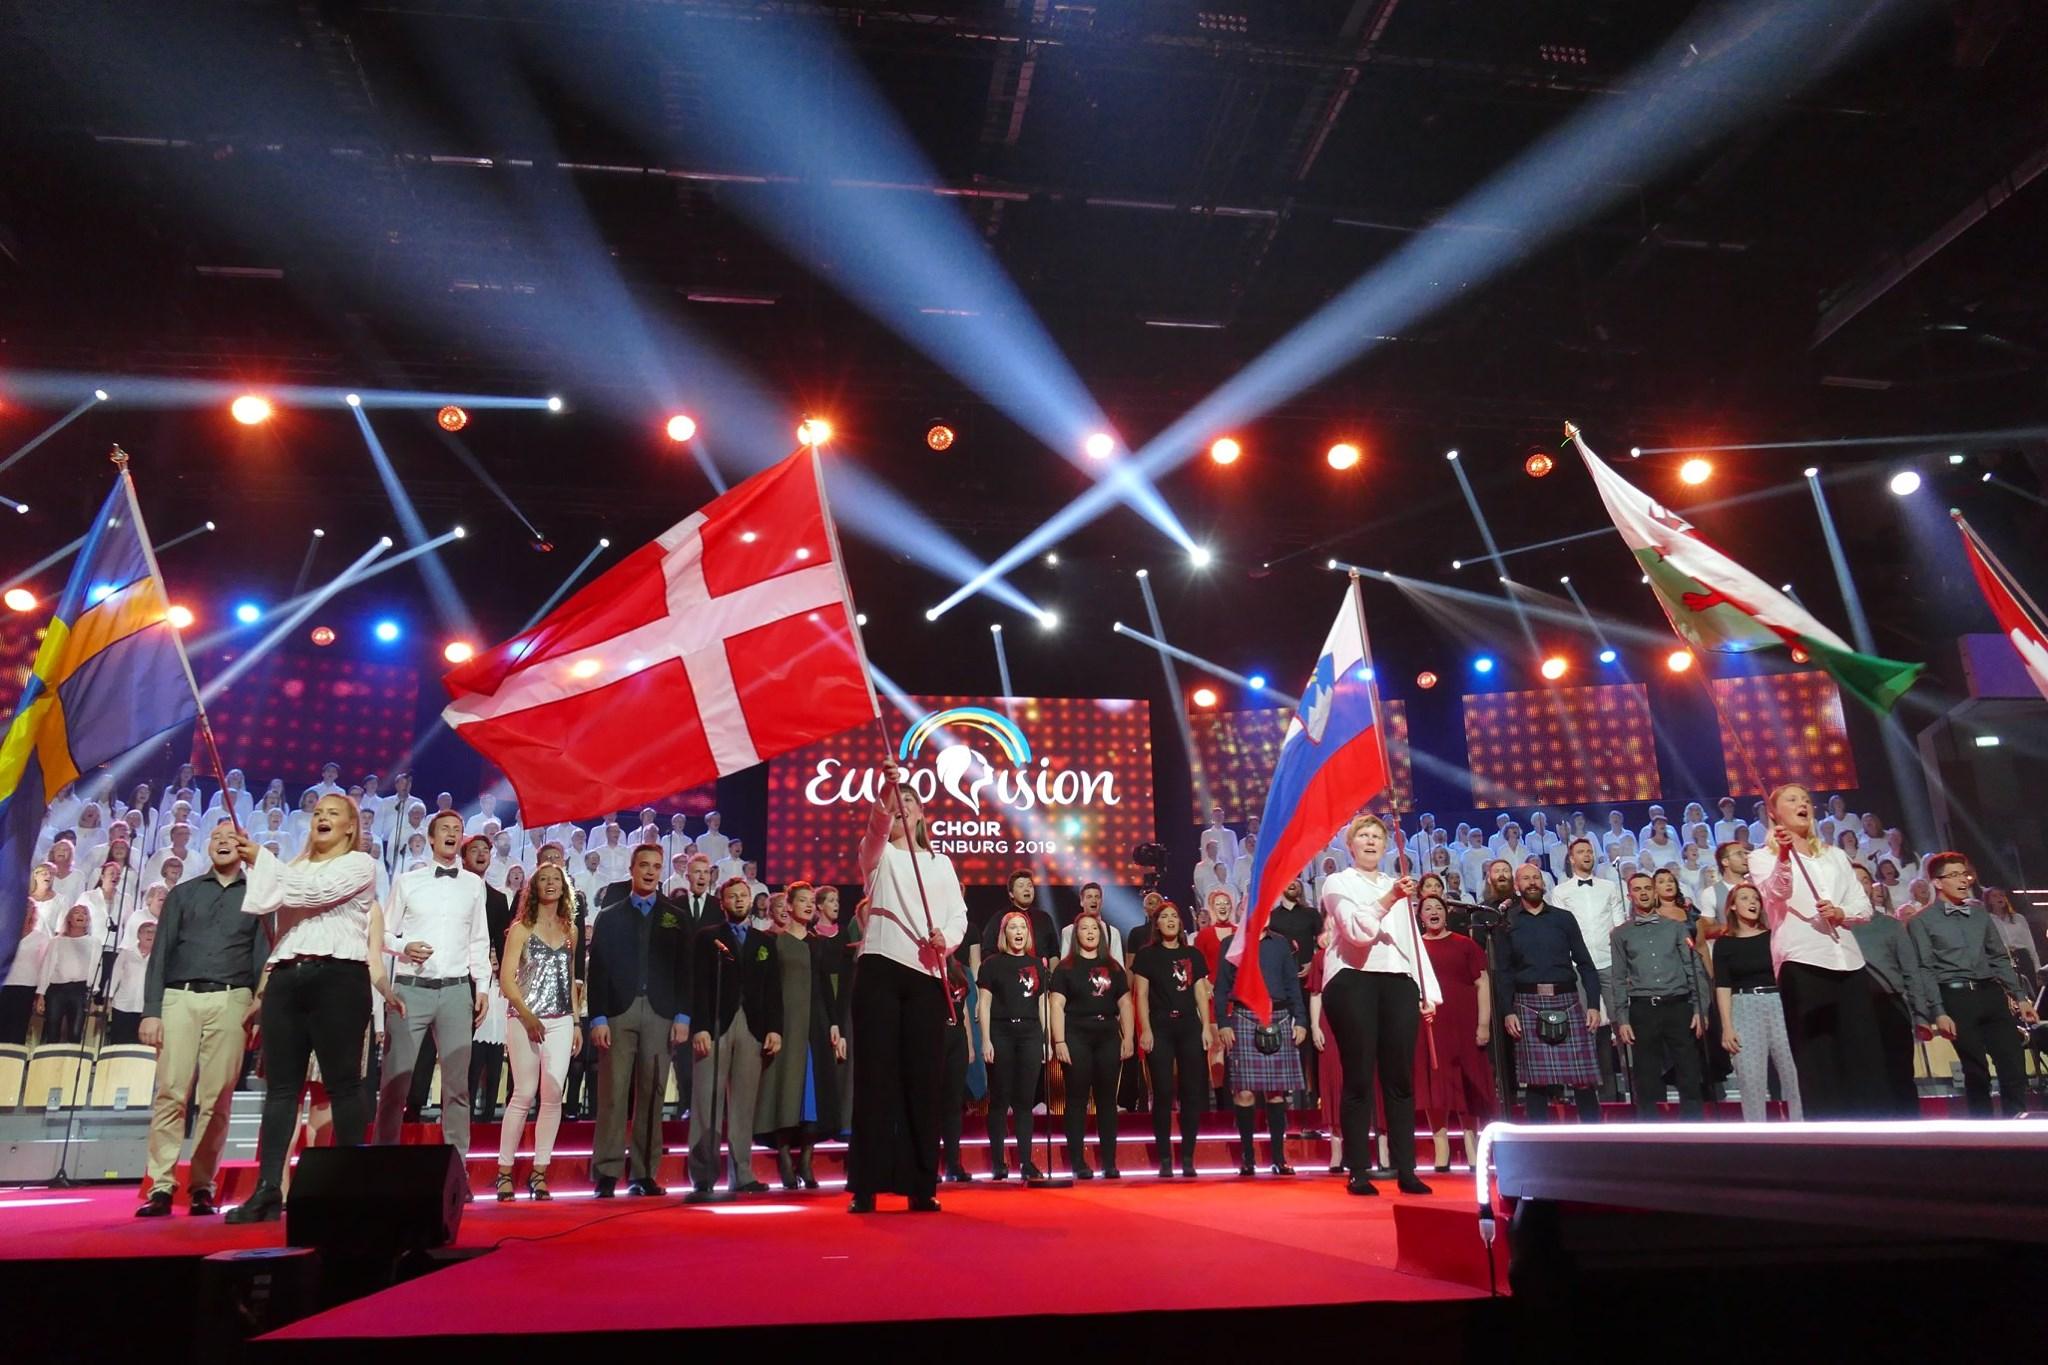 Eurovision Choir 2019